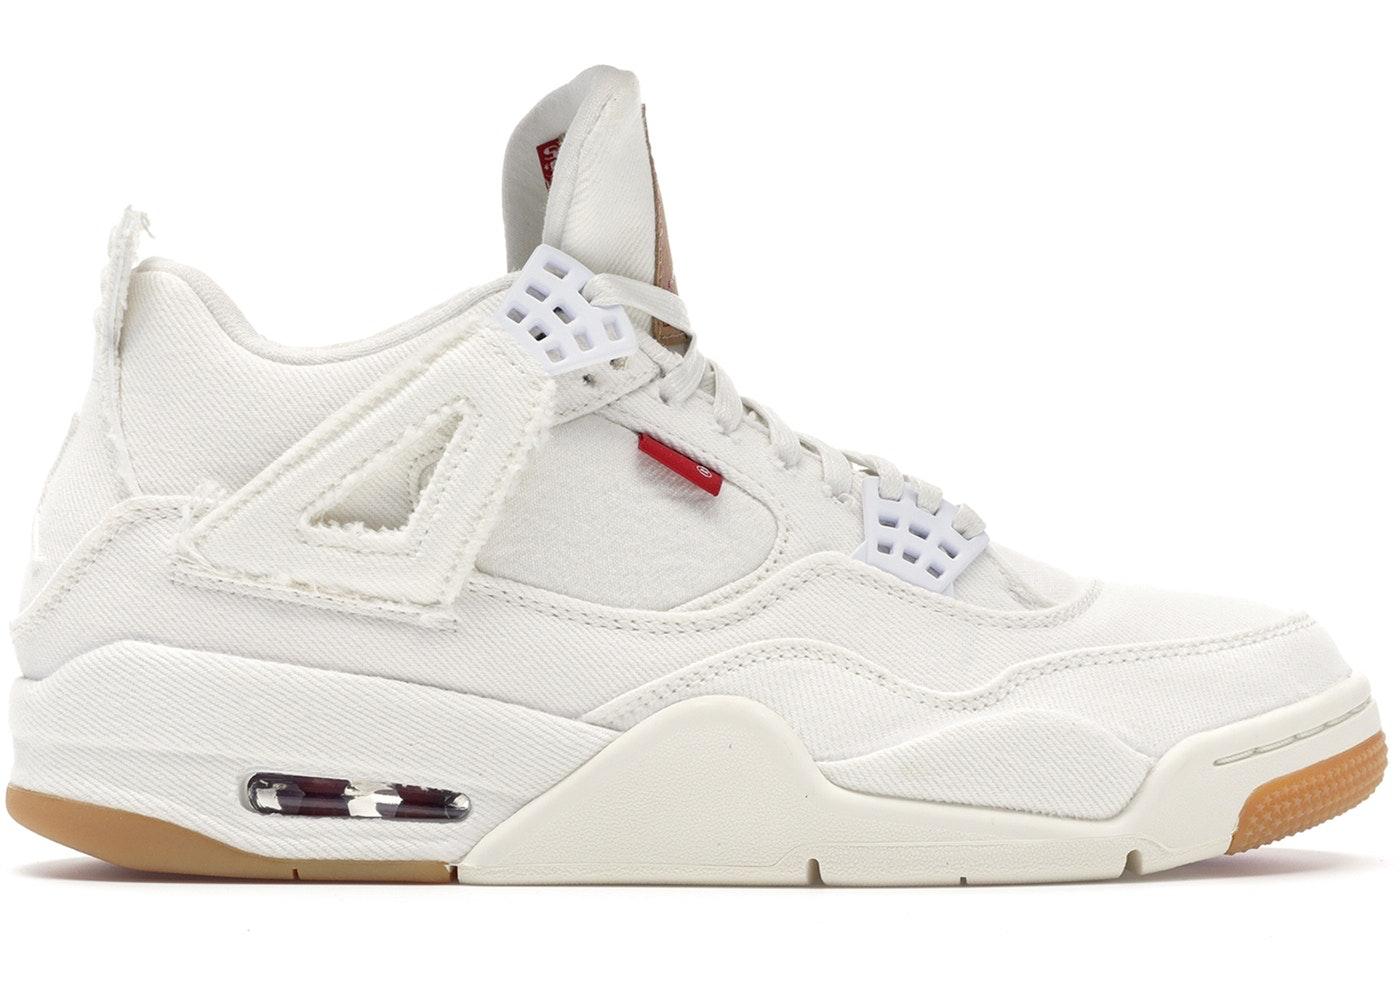 Jordan 4 Retro Levi's White (Blank Tag)